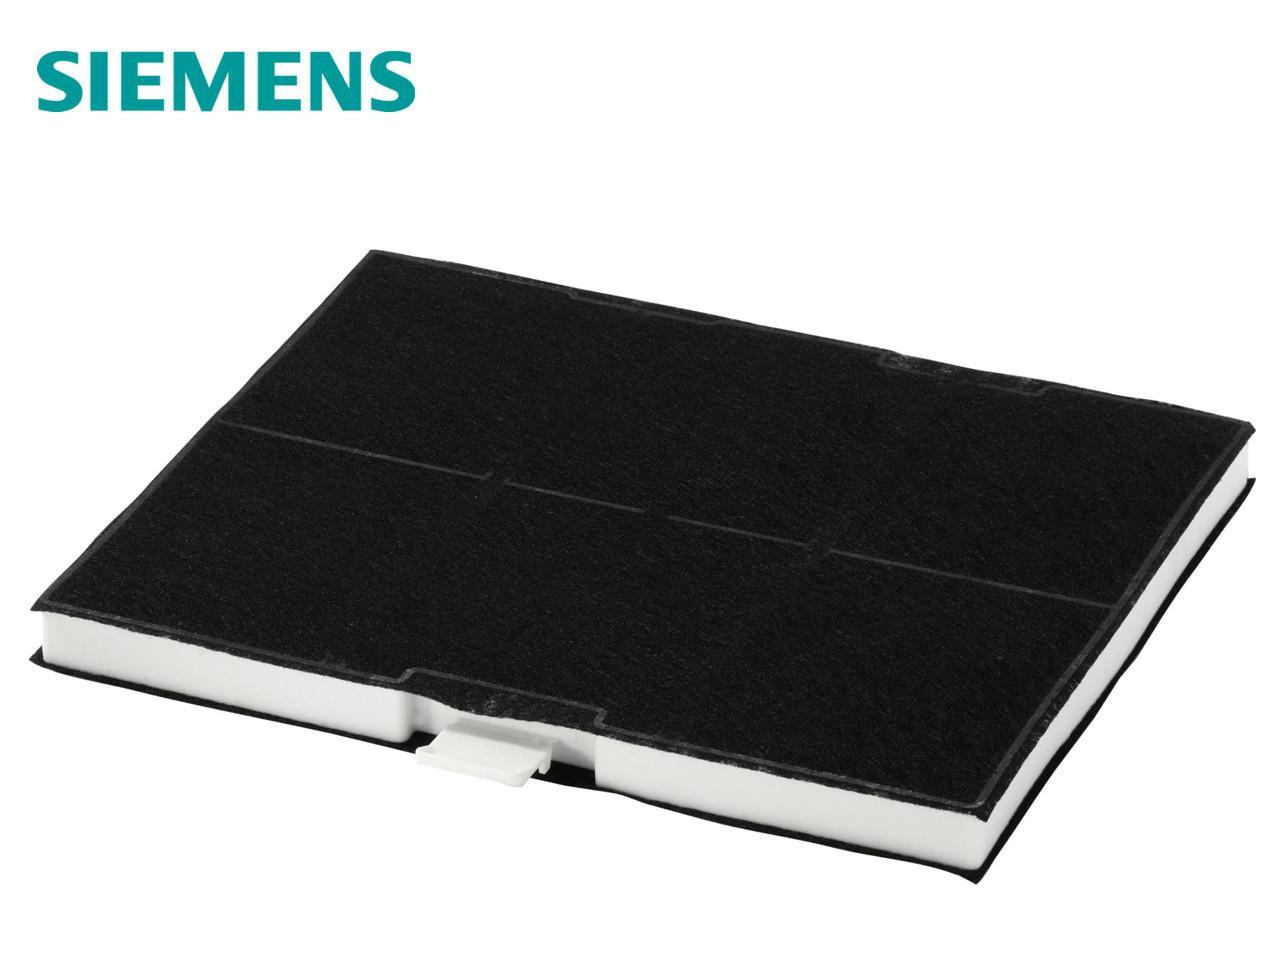 SIEMENS LZ53451, uhlíkový filtr pro digestoř